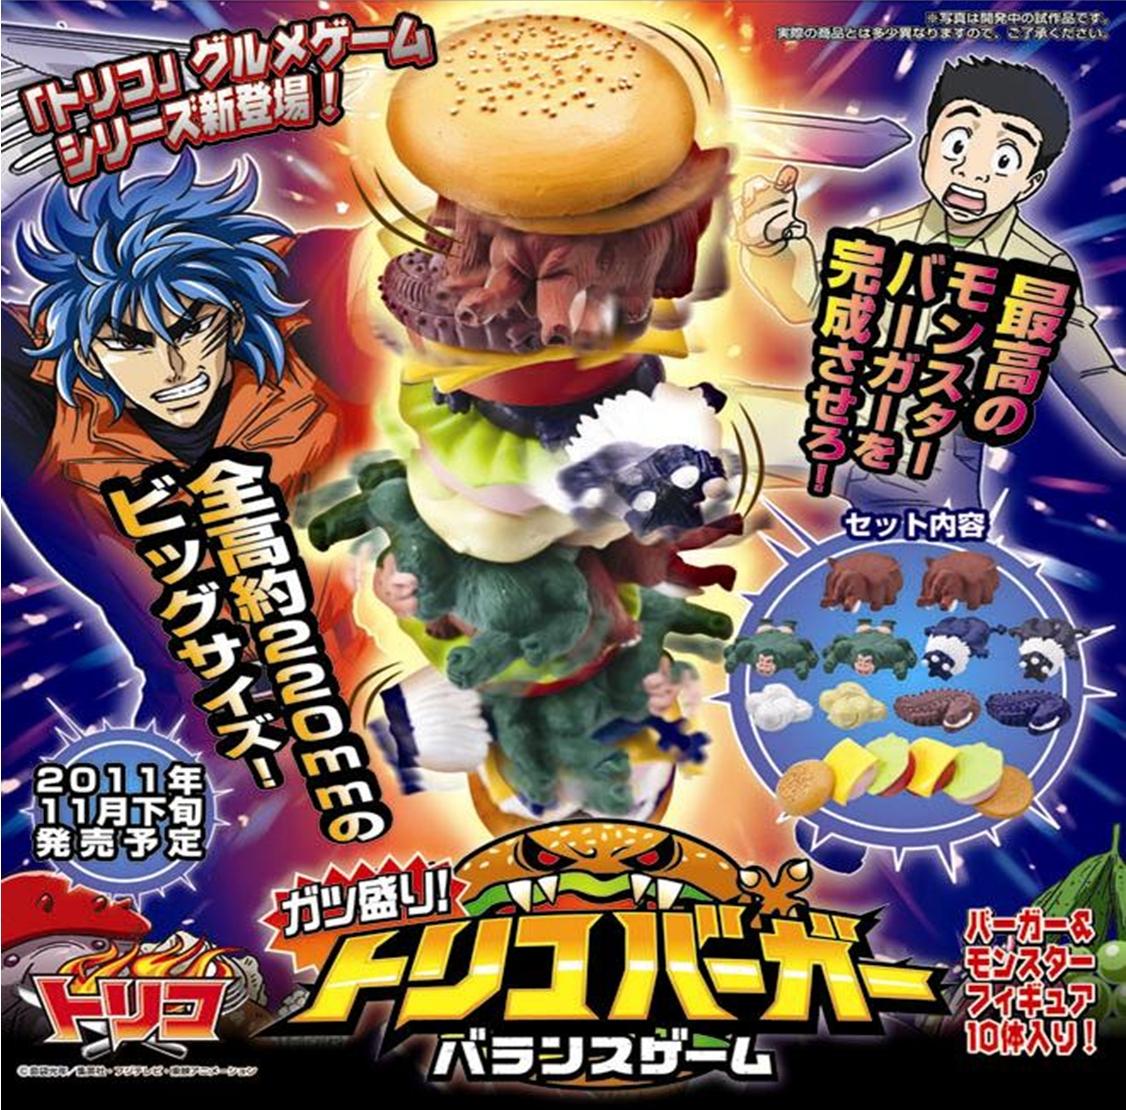 Toriko Game: Aniplay Games/CD: [Tiriko] Gourmet Game Series Gatsumori